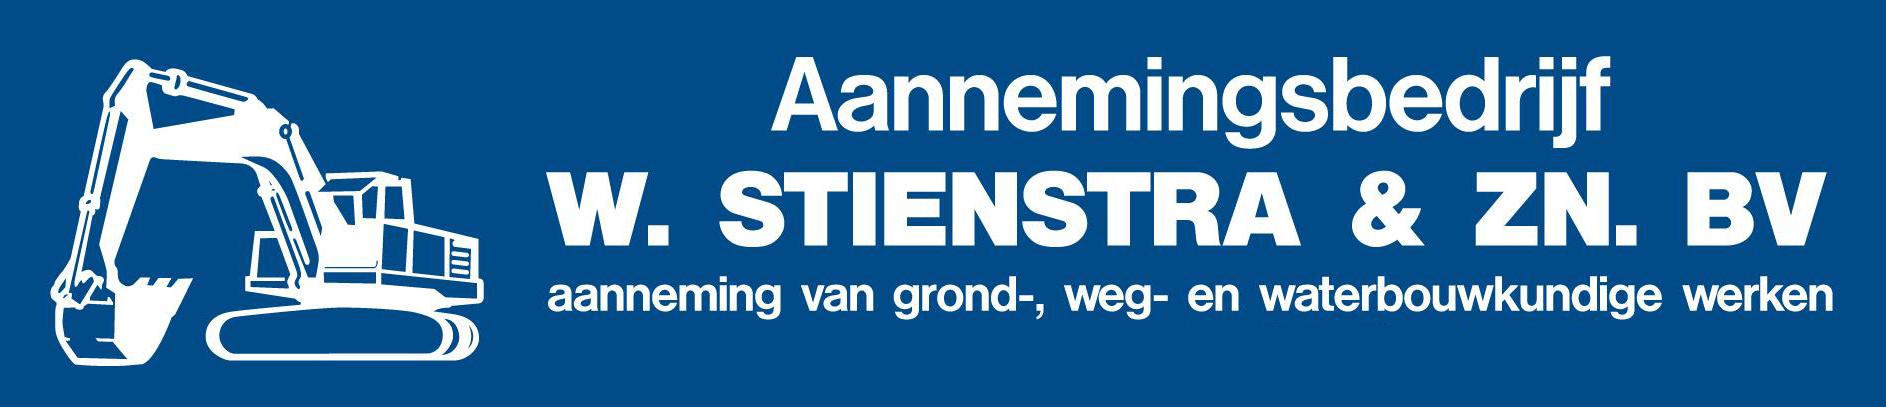 Aannemingsbedrijf W. Stienstra & Zn BV